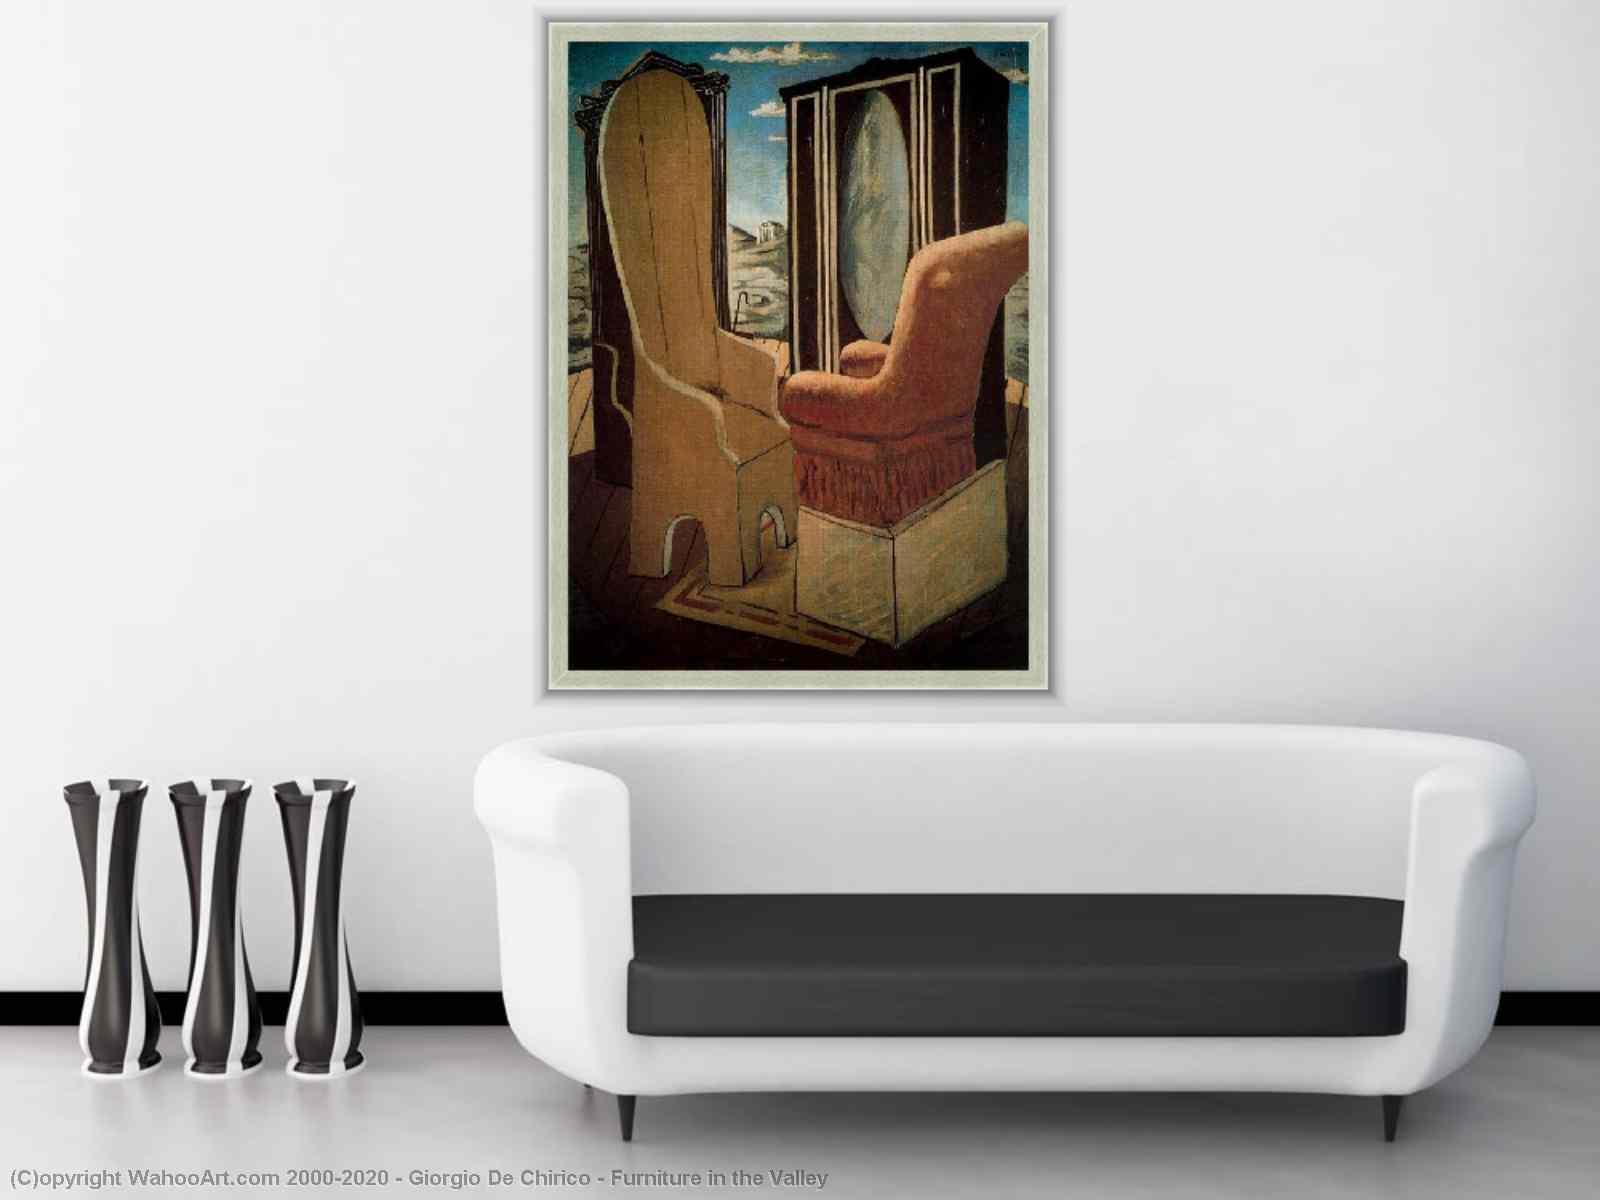 Muebles En El Valle De Giorgio De Chirico # Muebles Texturizados